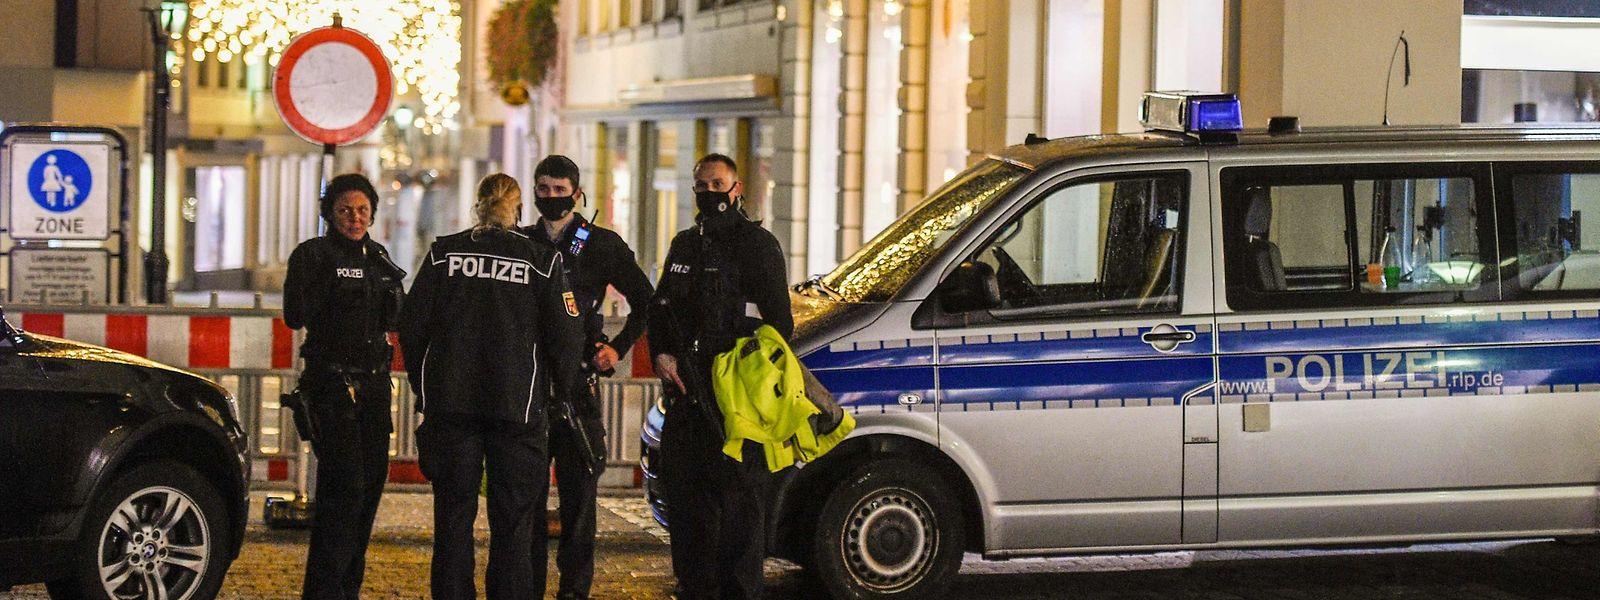 Polizei in der Trierer Innenstadt: Bei einer Amokfahrt am Dienstagnachmittag kamen fünf Menschen ums Leben.